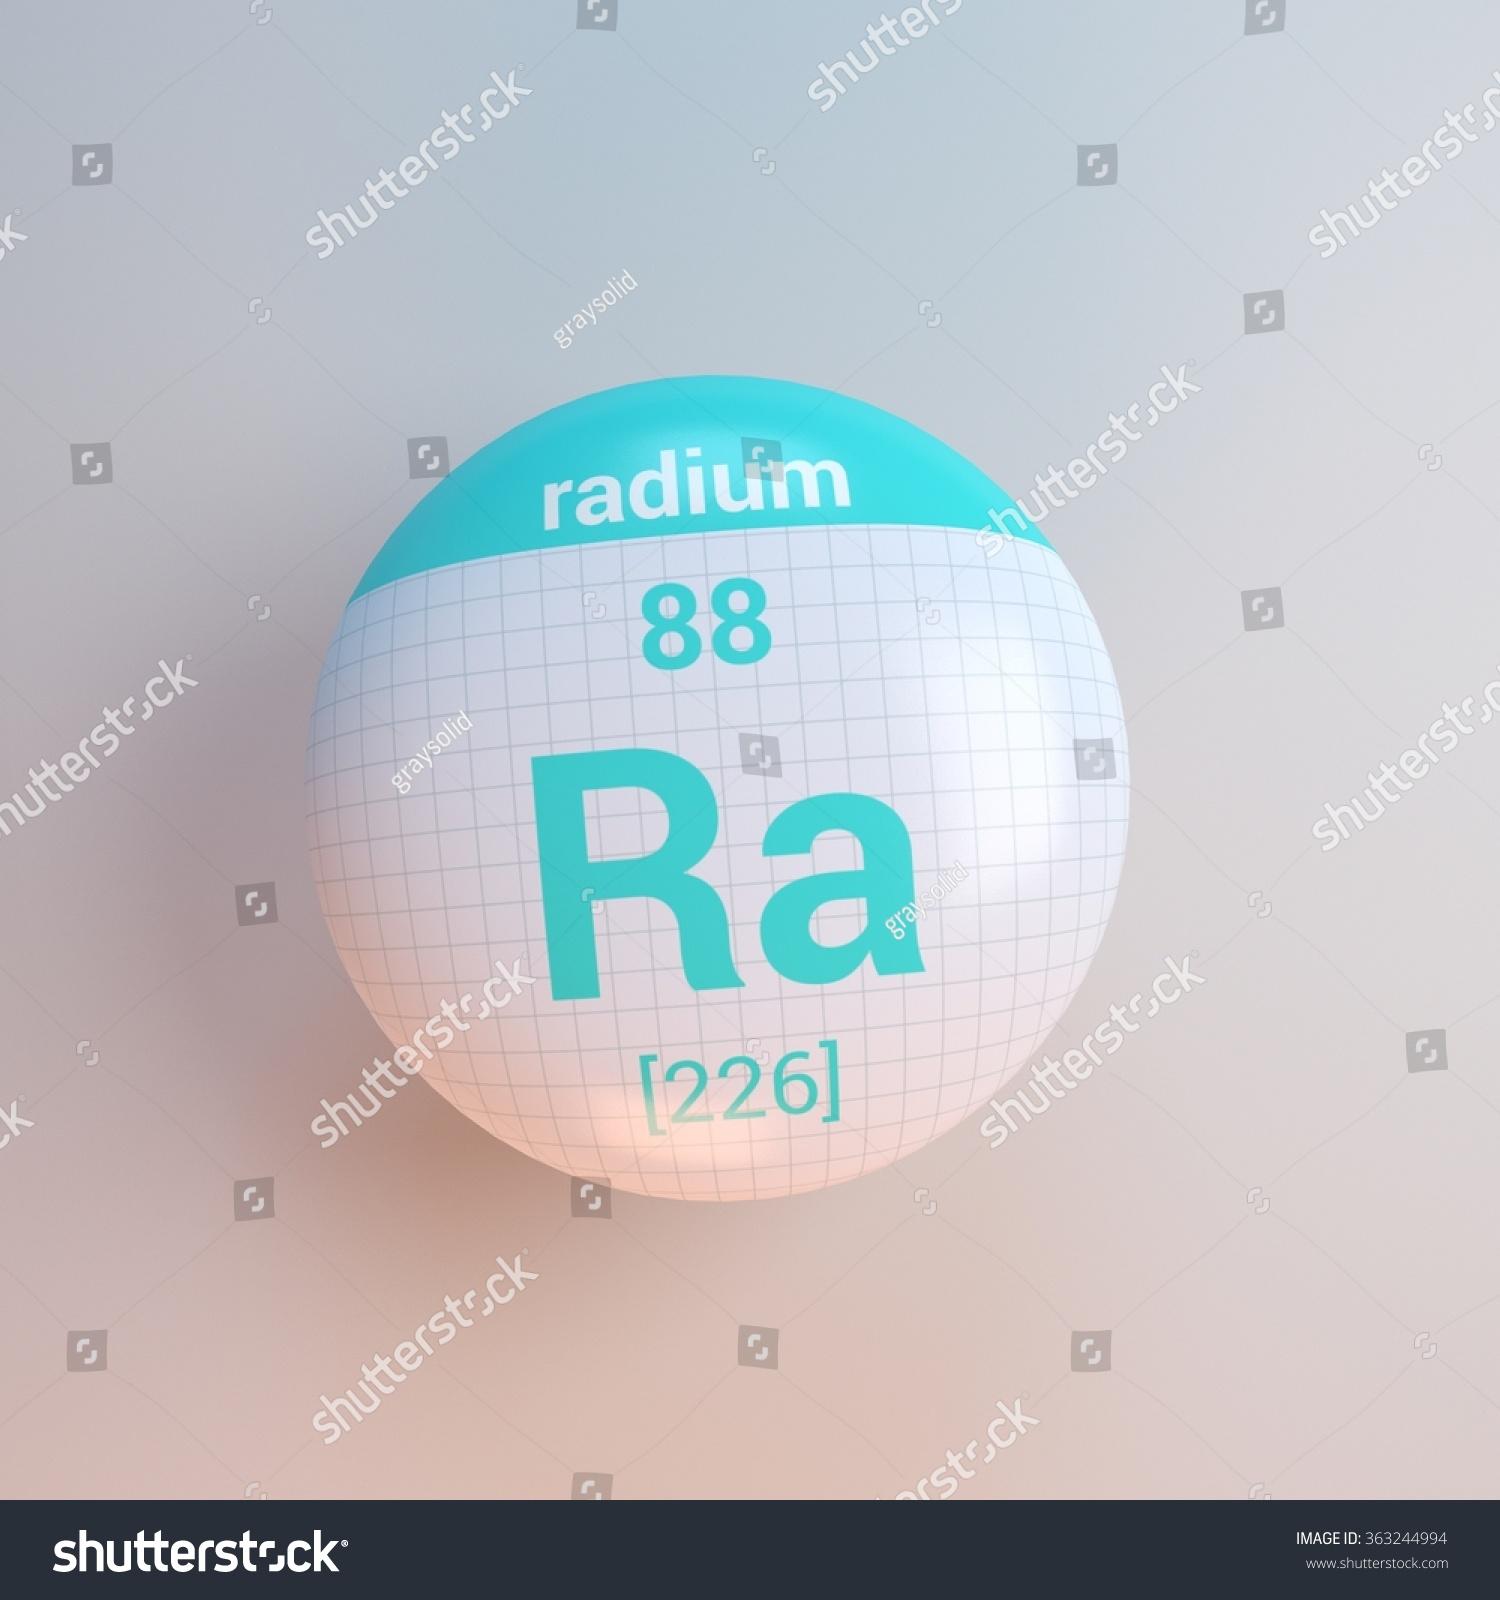 Periodic table elements radium stock illustration 363244994 periodic table of elements radium pooptronica